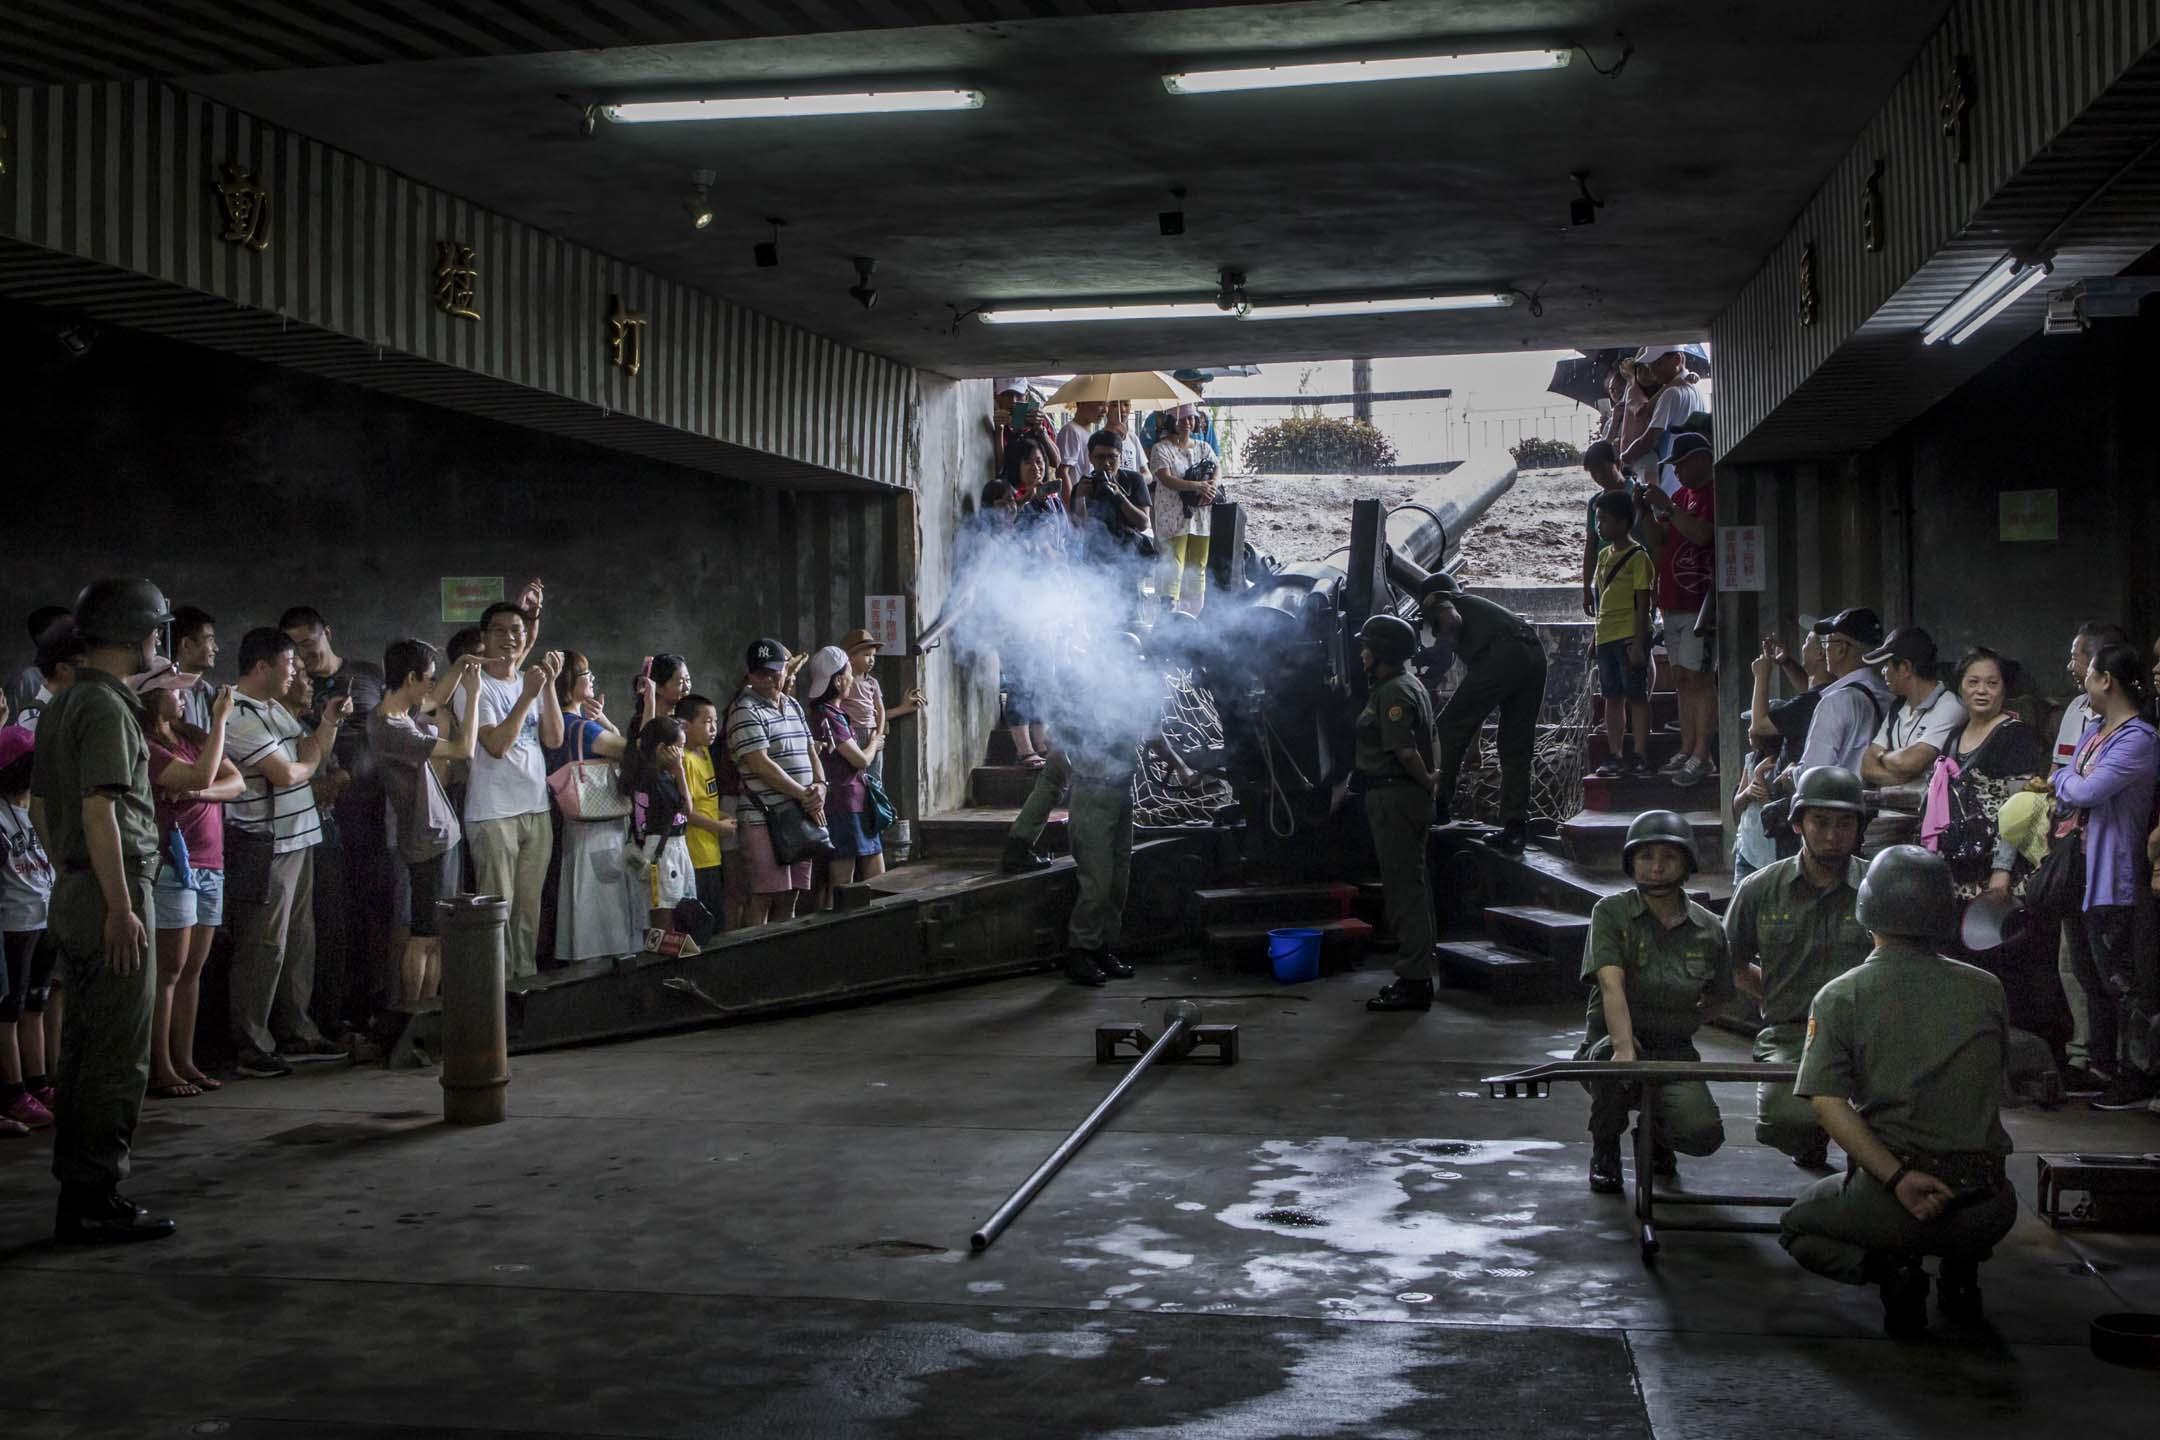 2018年8月19日,旅客在金門獅山砲陣地觀看工作人員表演砲彈射擊。 攝:陳焯煇/端傳媒